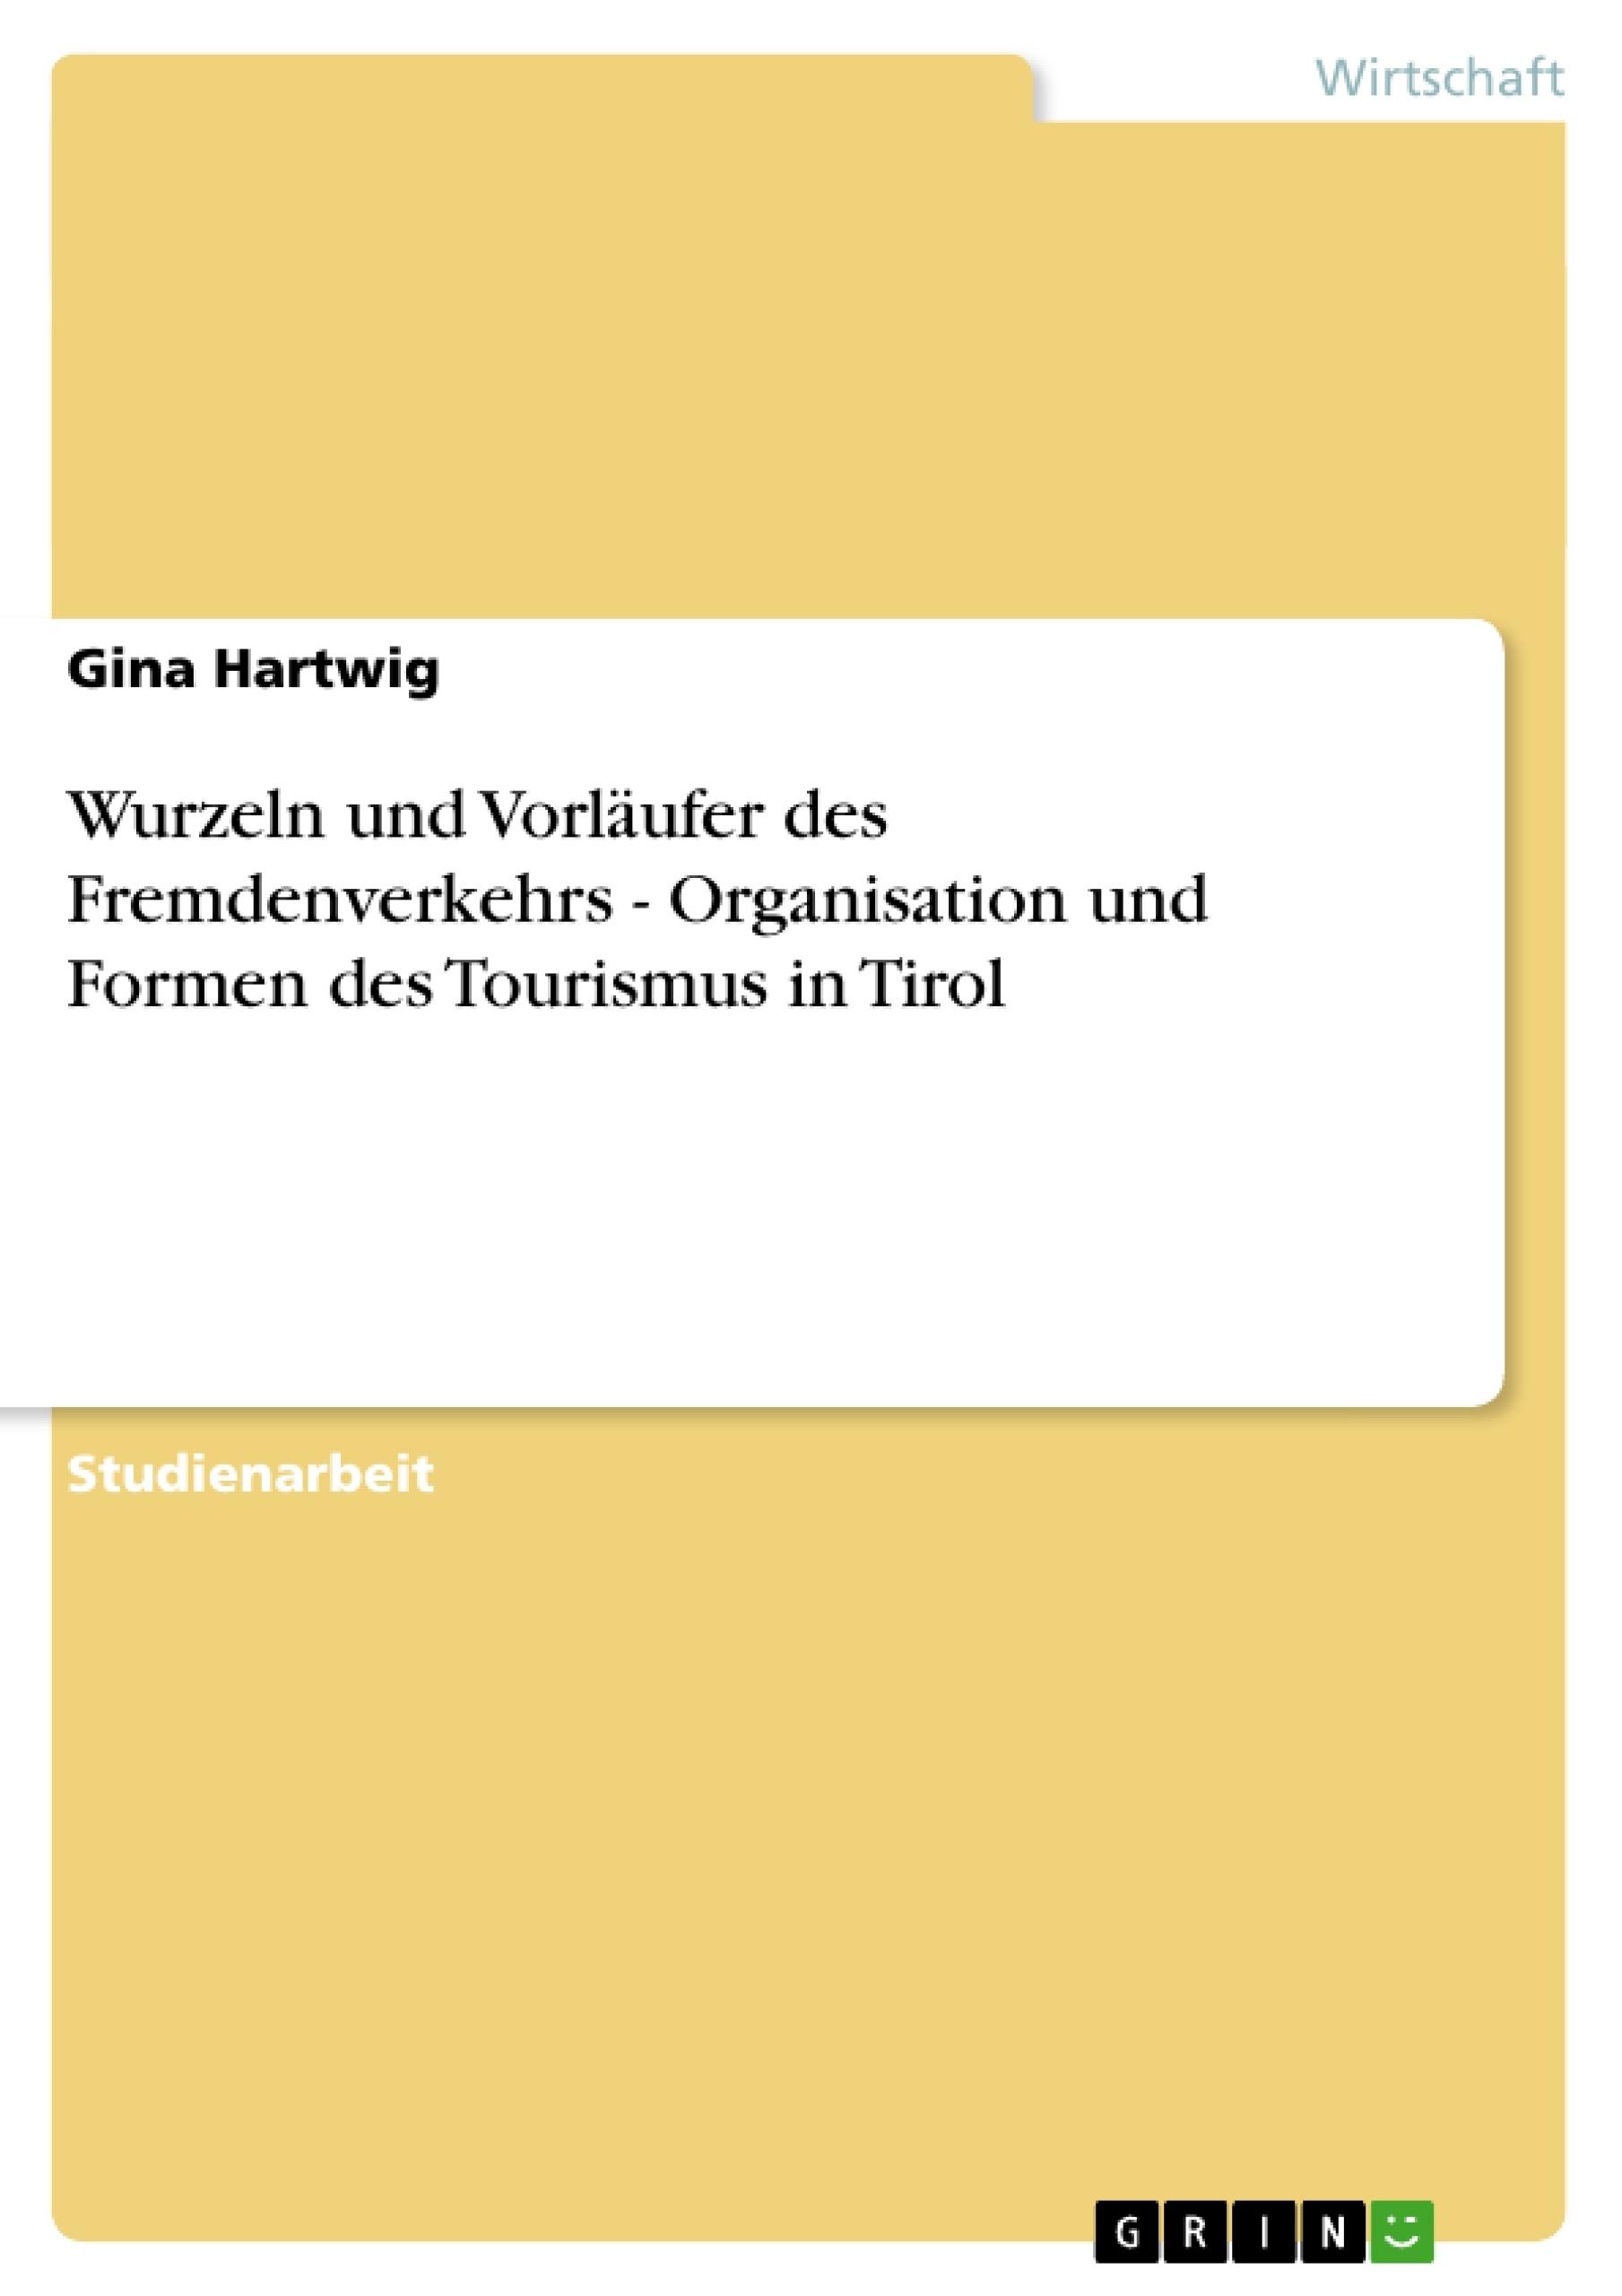 Titel: Wurzeln und Vorläufer des Fremdenverkehrs - Organisation und Formen des Tourismus in Tirol